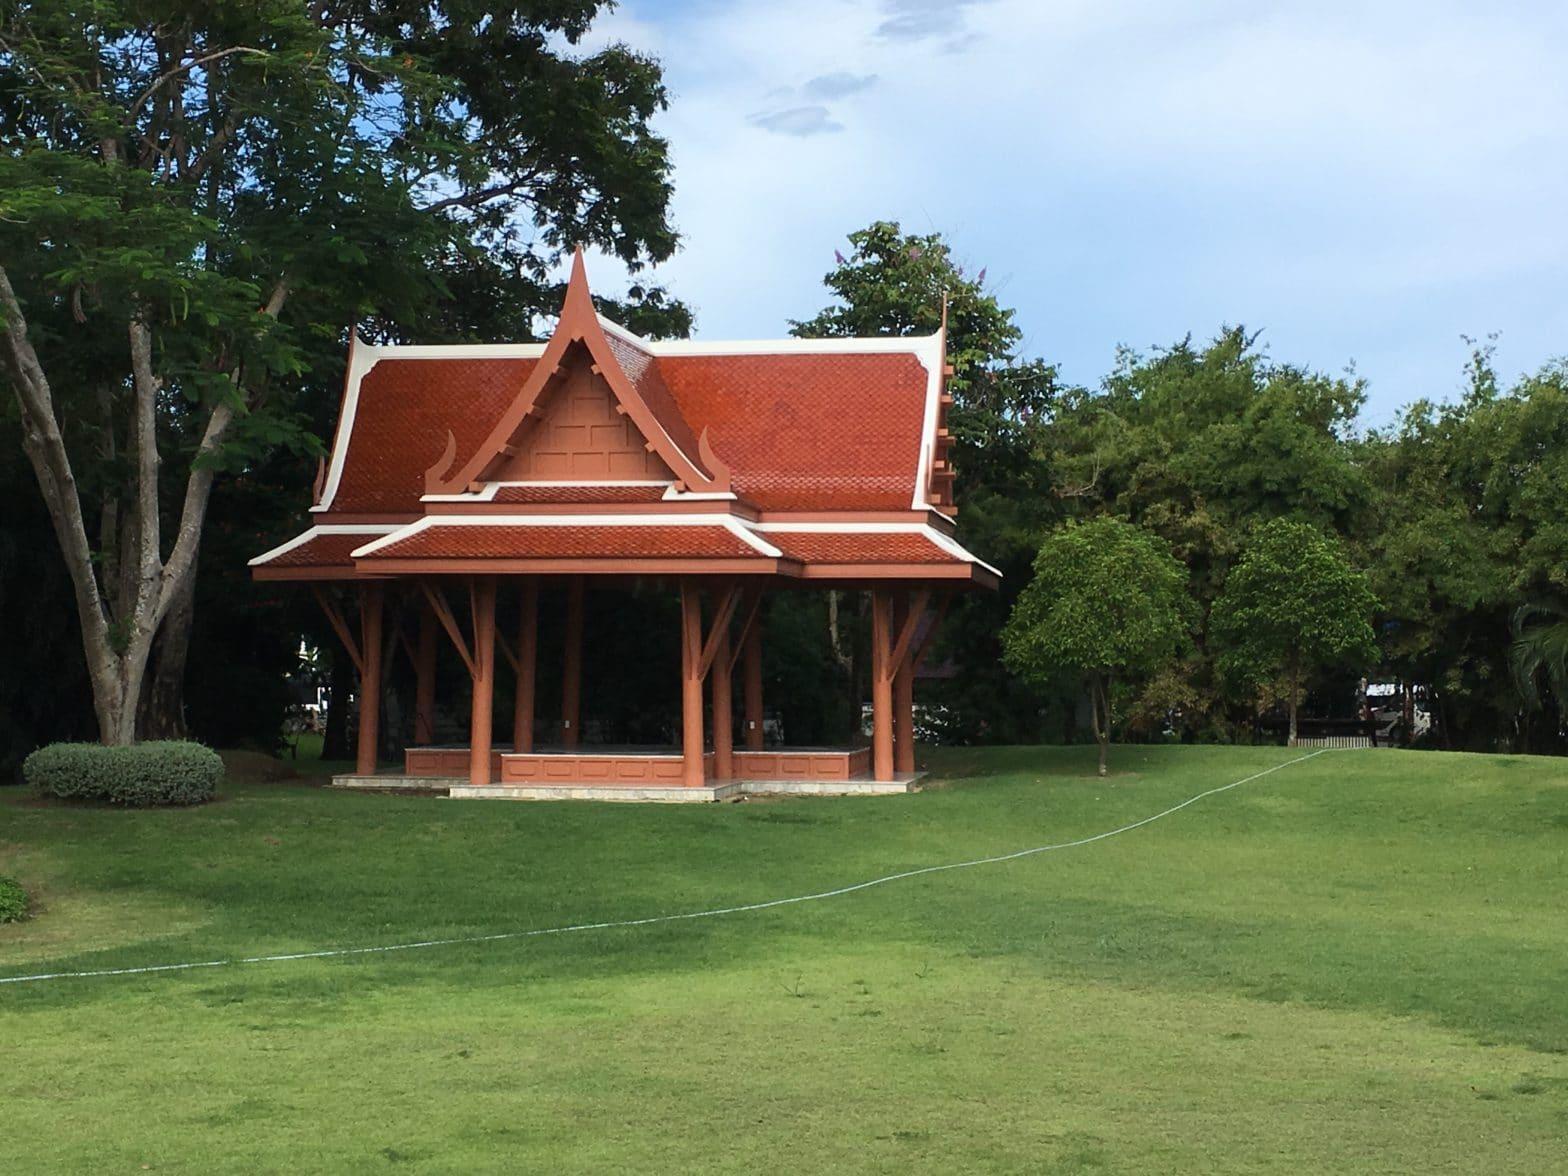 ที่พักอัมพวา บ้านสวนนวลตา พาชมอทุยาน ร.2 อำเภอ อัมพวา จ. สมุทรสงคราม 2020 5 (6)